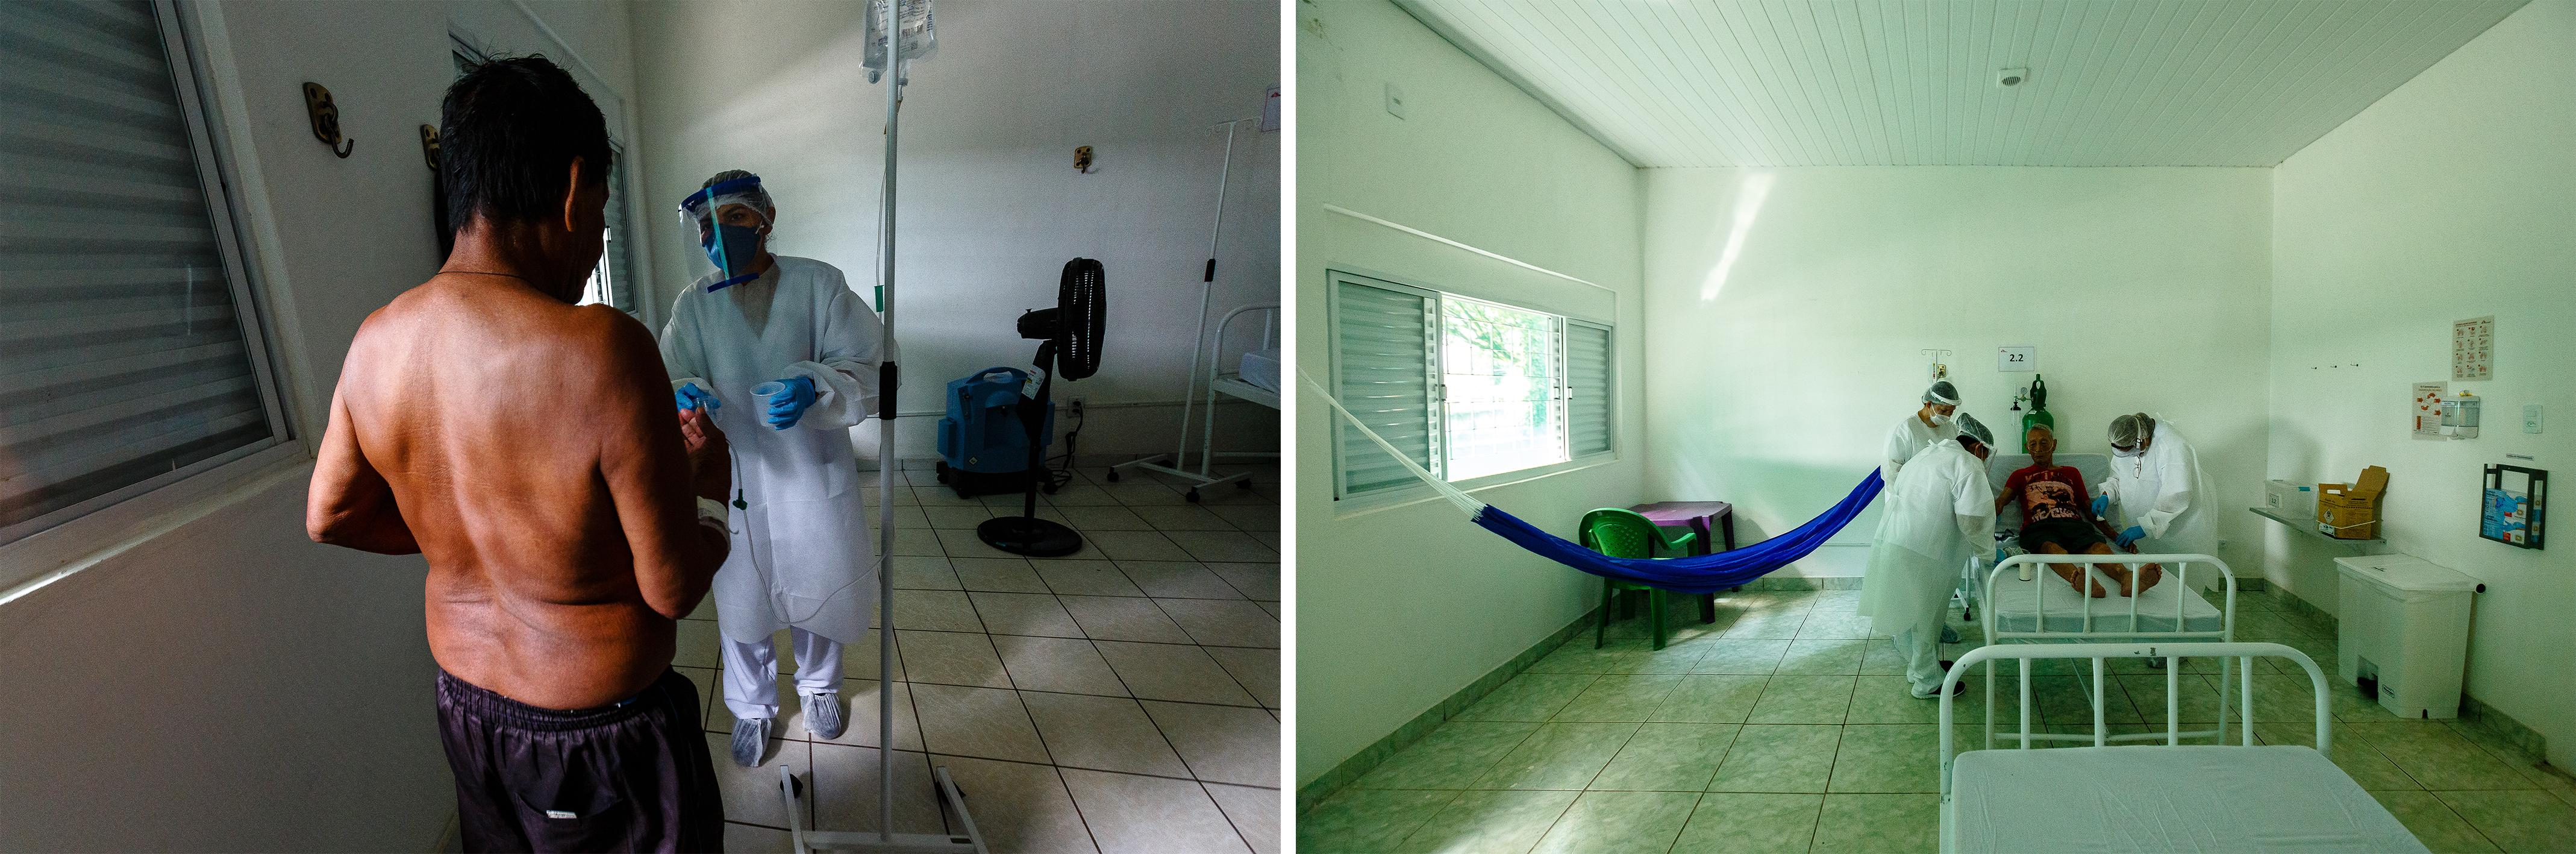 (haut) La Dr. Fernanda Abrantes s'entretient avec la famille d'un patient lors d'un dépistage Covid-19 au centre de soins mis en place par MSF dans la ville amazonienne de São Gabriel da Cachoeira, État d'Amazonas, Brésil, juillet 2020. (gauche)Un patient atteint de symptôme de la Covid-19 est testé pour la tuberculose dans le centre de soins mis en place par MSF à São Gabriel da Cachoeira, État d'Amazonas, Brésil, juillet 2020. (droite) Antonio Castro, 99 ans, est pris en charge au centre de soins mis en place par MSF à São Gabriel da Cachoeira, État d'Amazonas, Brésil, juillet 2020.© Diego Baravelli/MSF